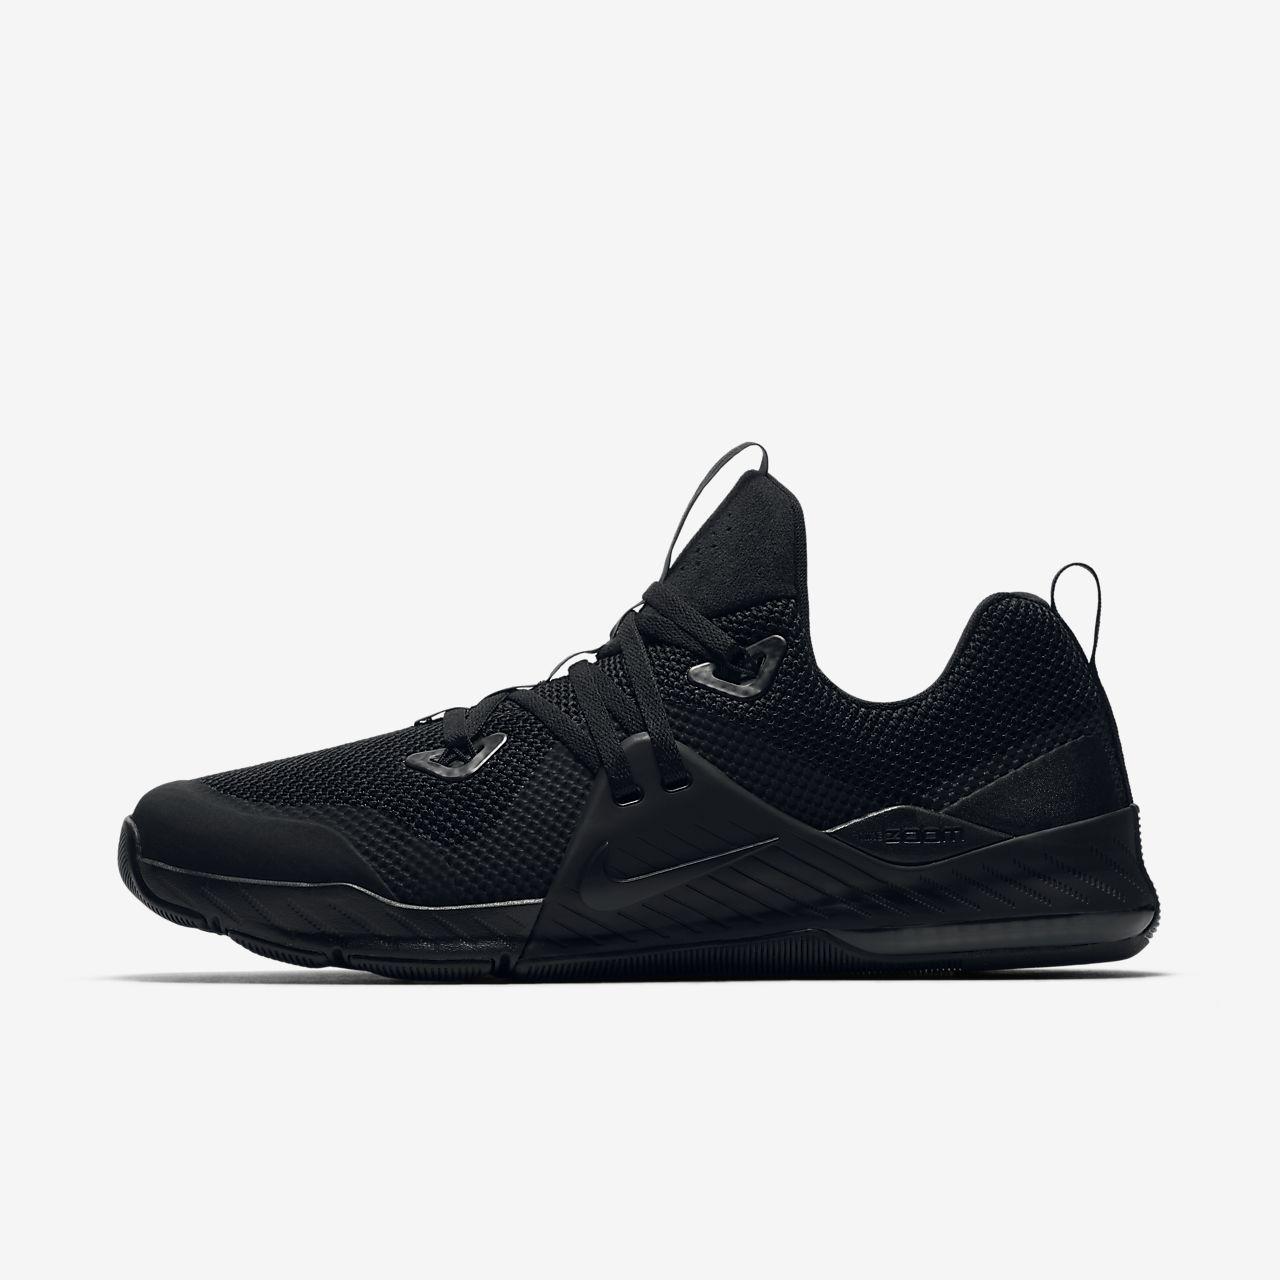 ... Chaussure de bootcamp et de gym Nike Zoom Train Command pour Homme